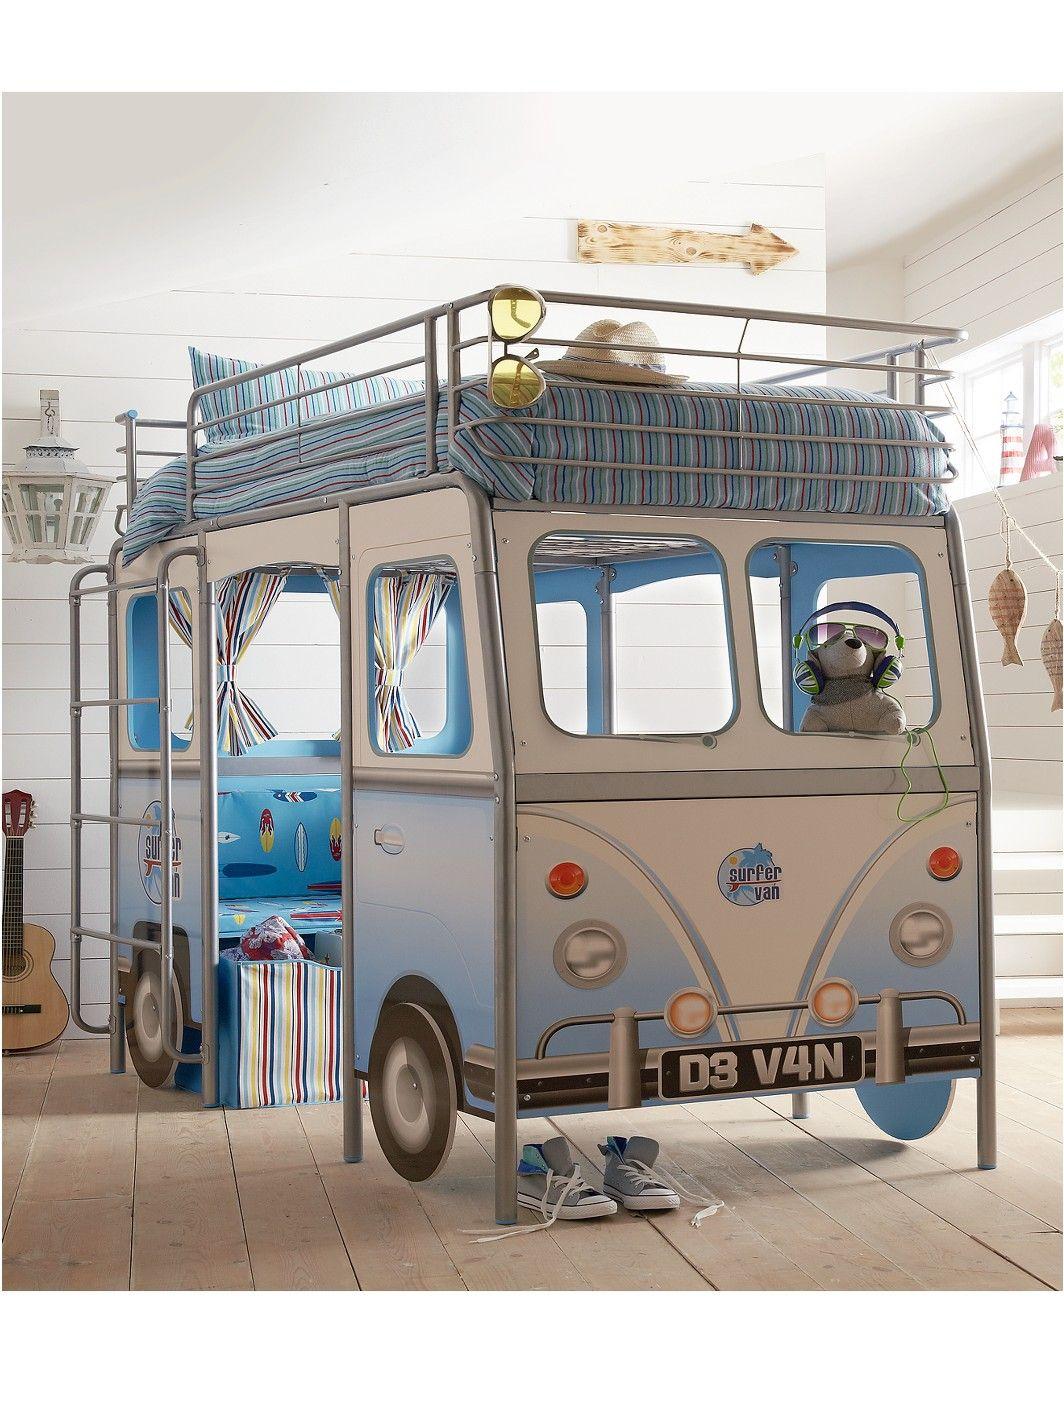 Devan camper van kids single bed with desk and seat woolworths